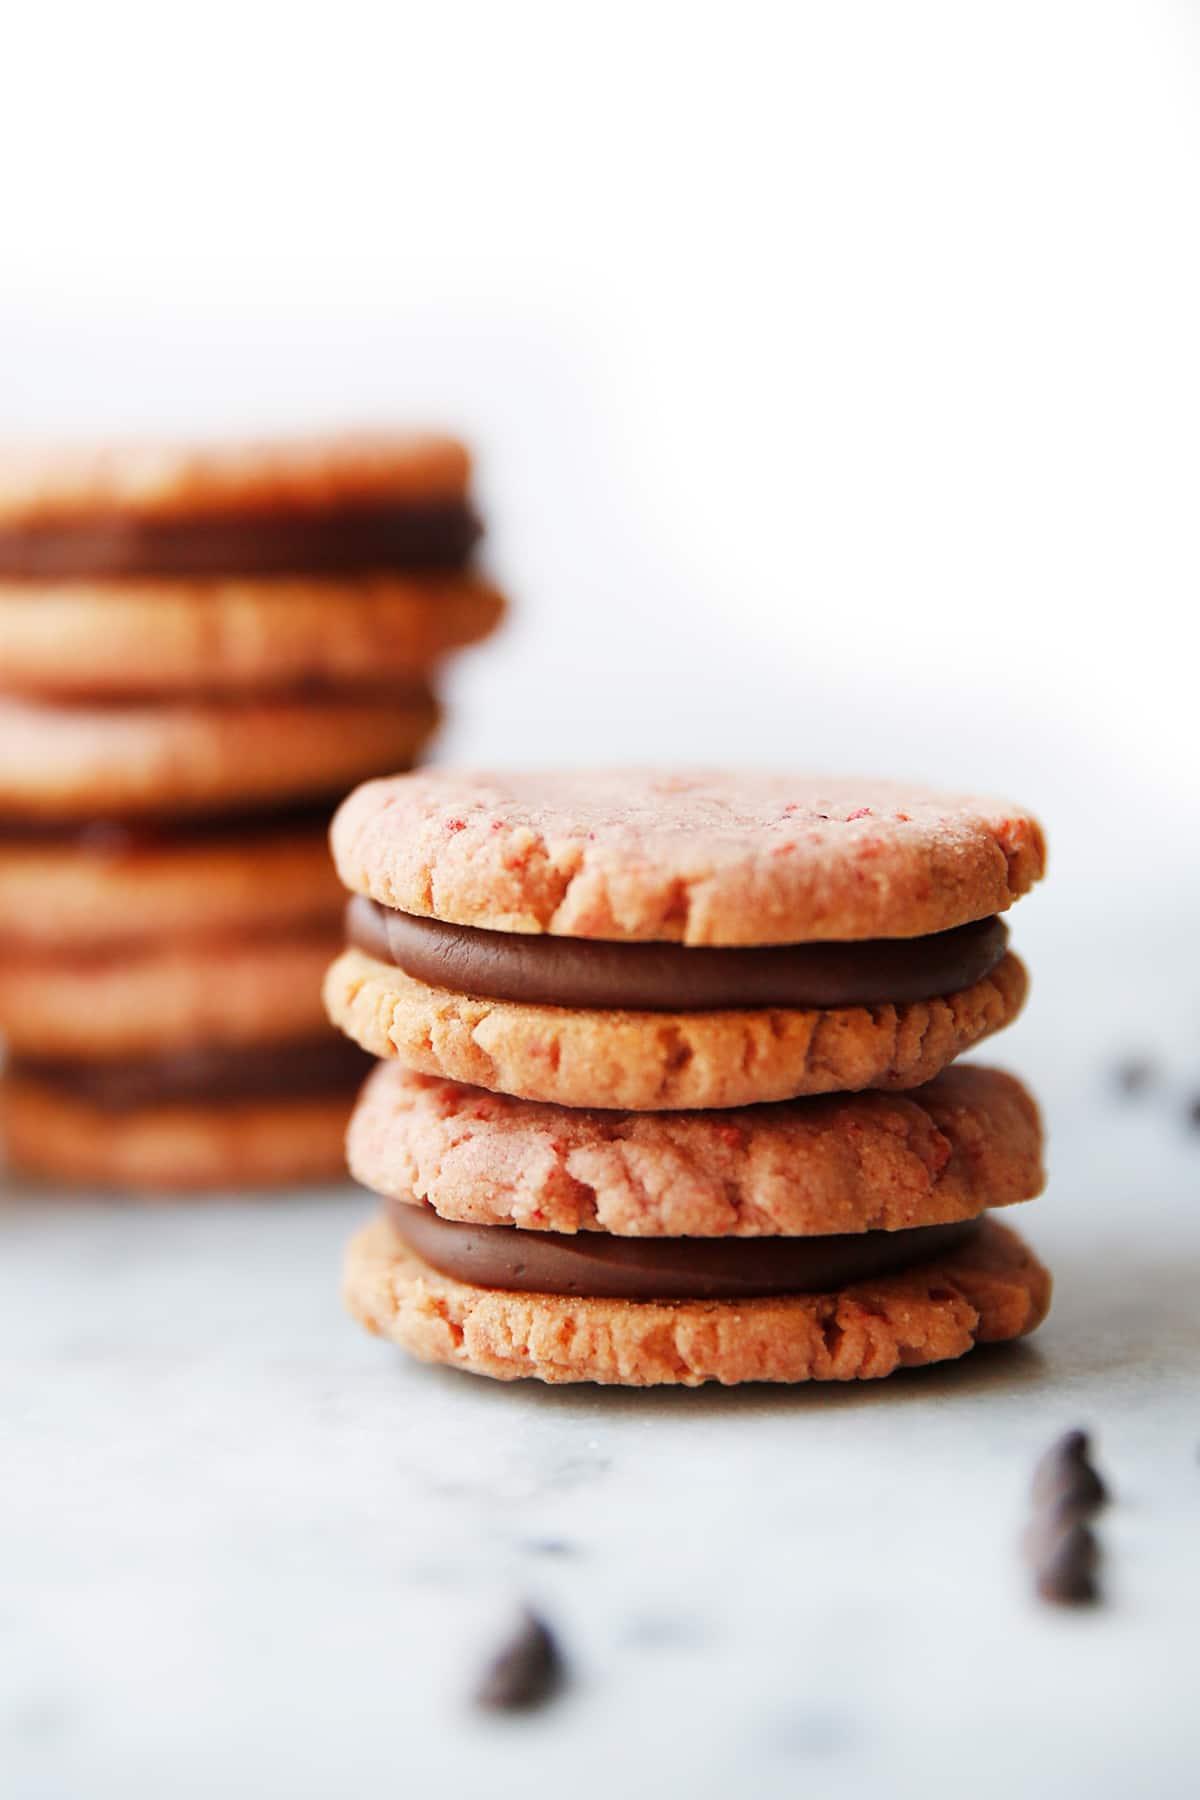 Strawberry and Chocolate Ganache Sandwich Cookies (Allergen Friendly)